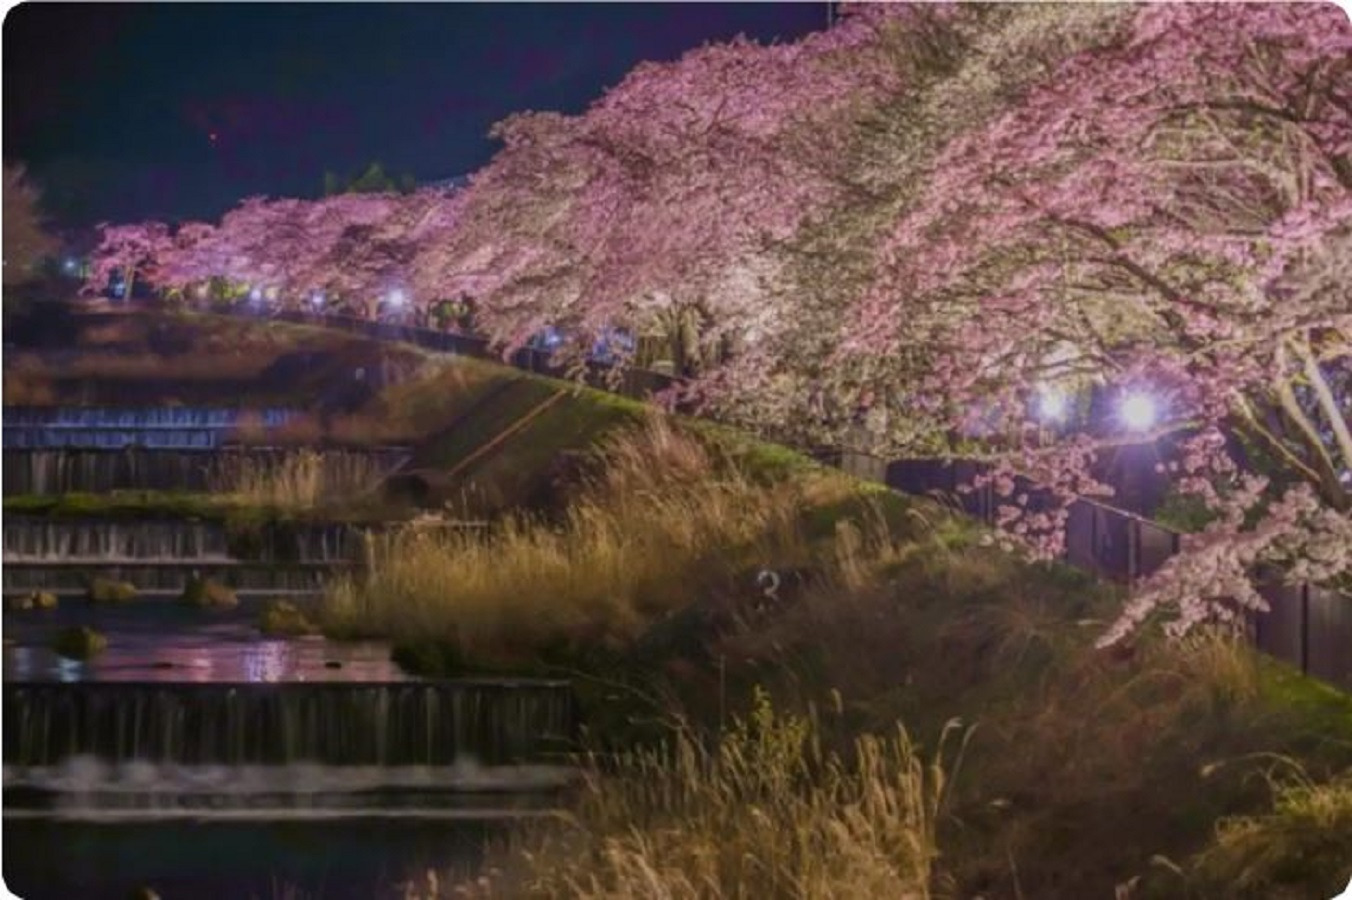 Cherry blossoms in Miyagino